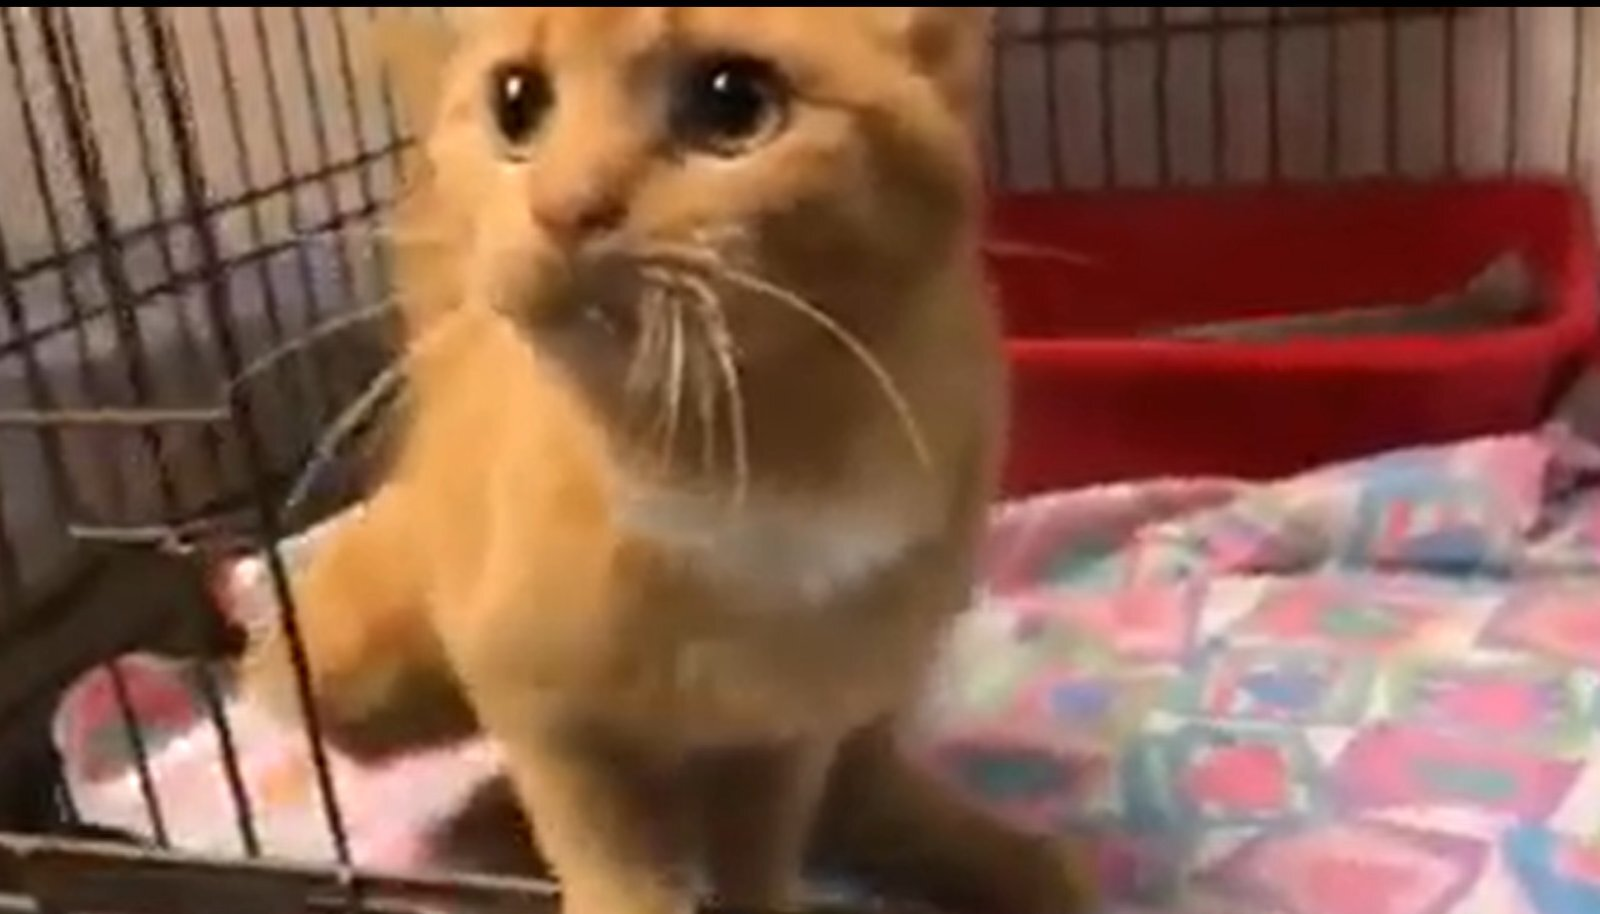 Tuulutusava vahele jäänud kass